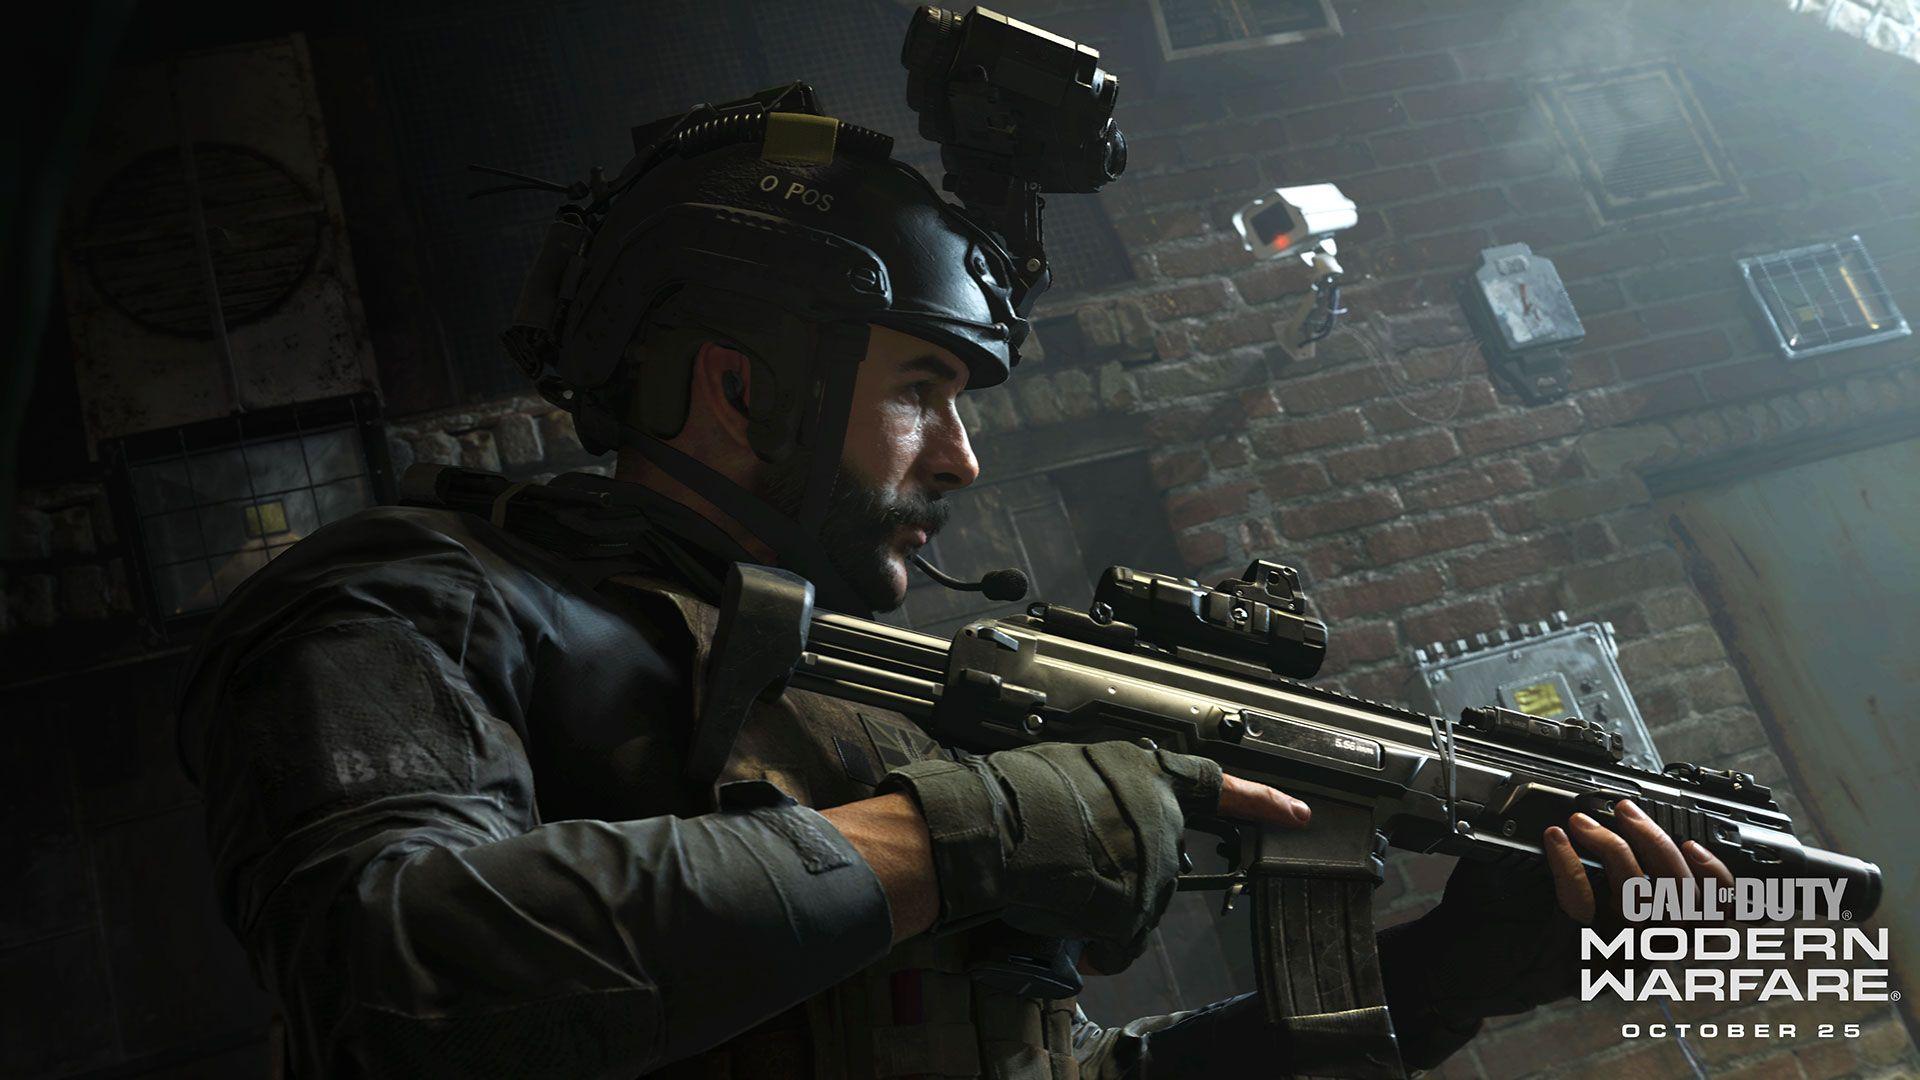 اطلاعات جدیدی از بخش چندنفرهی Call of Duty: Modern Warfare منتشر شد